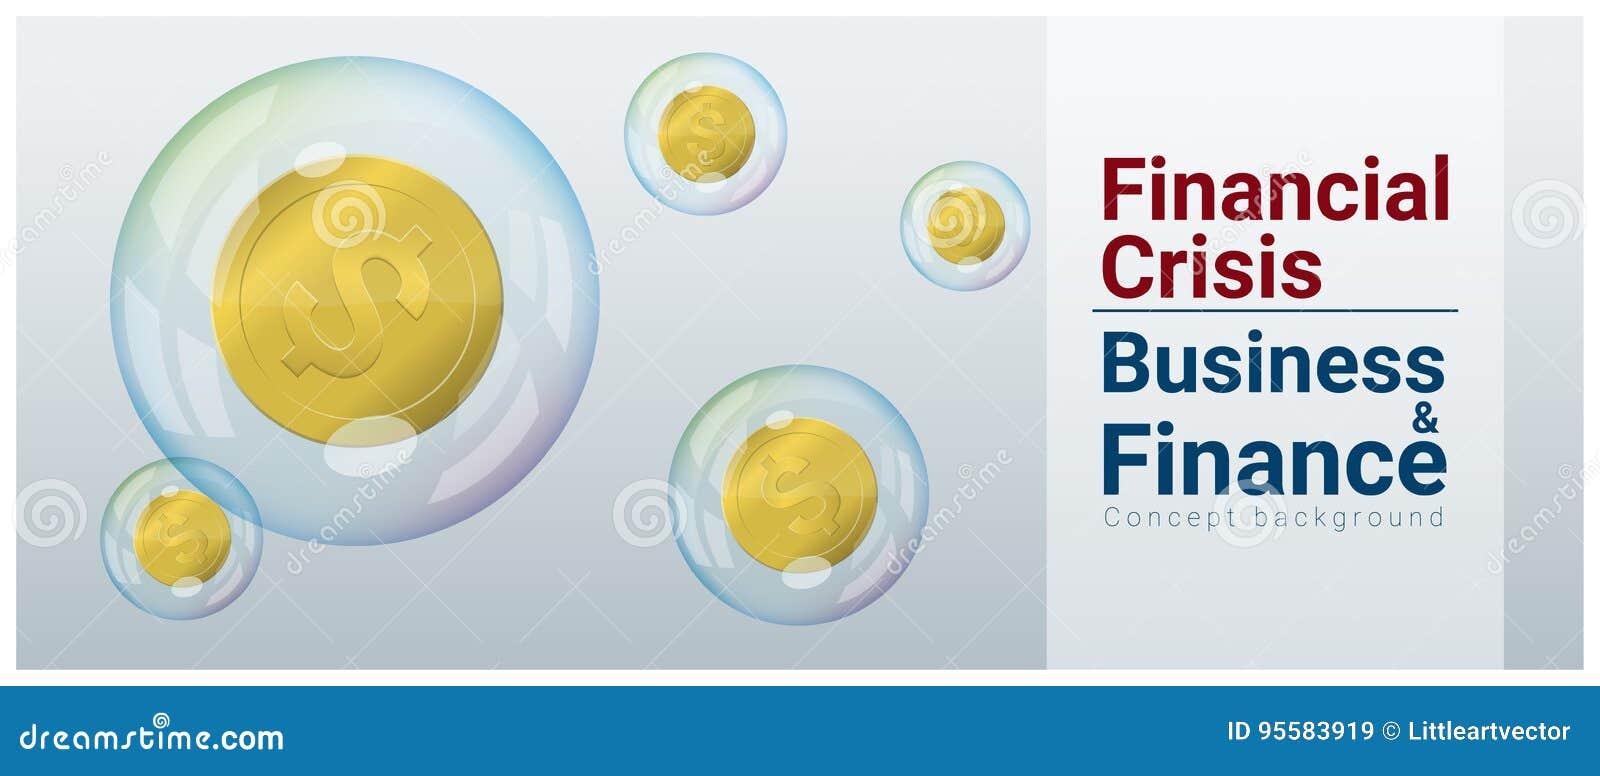 企业和财务与金融危机的概念背景